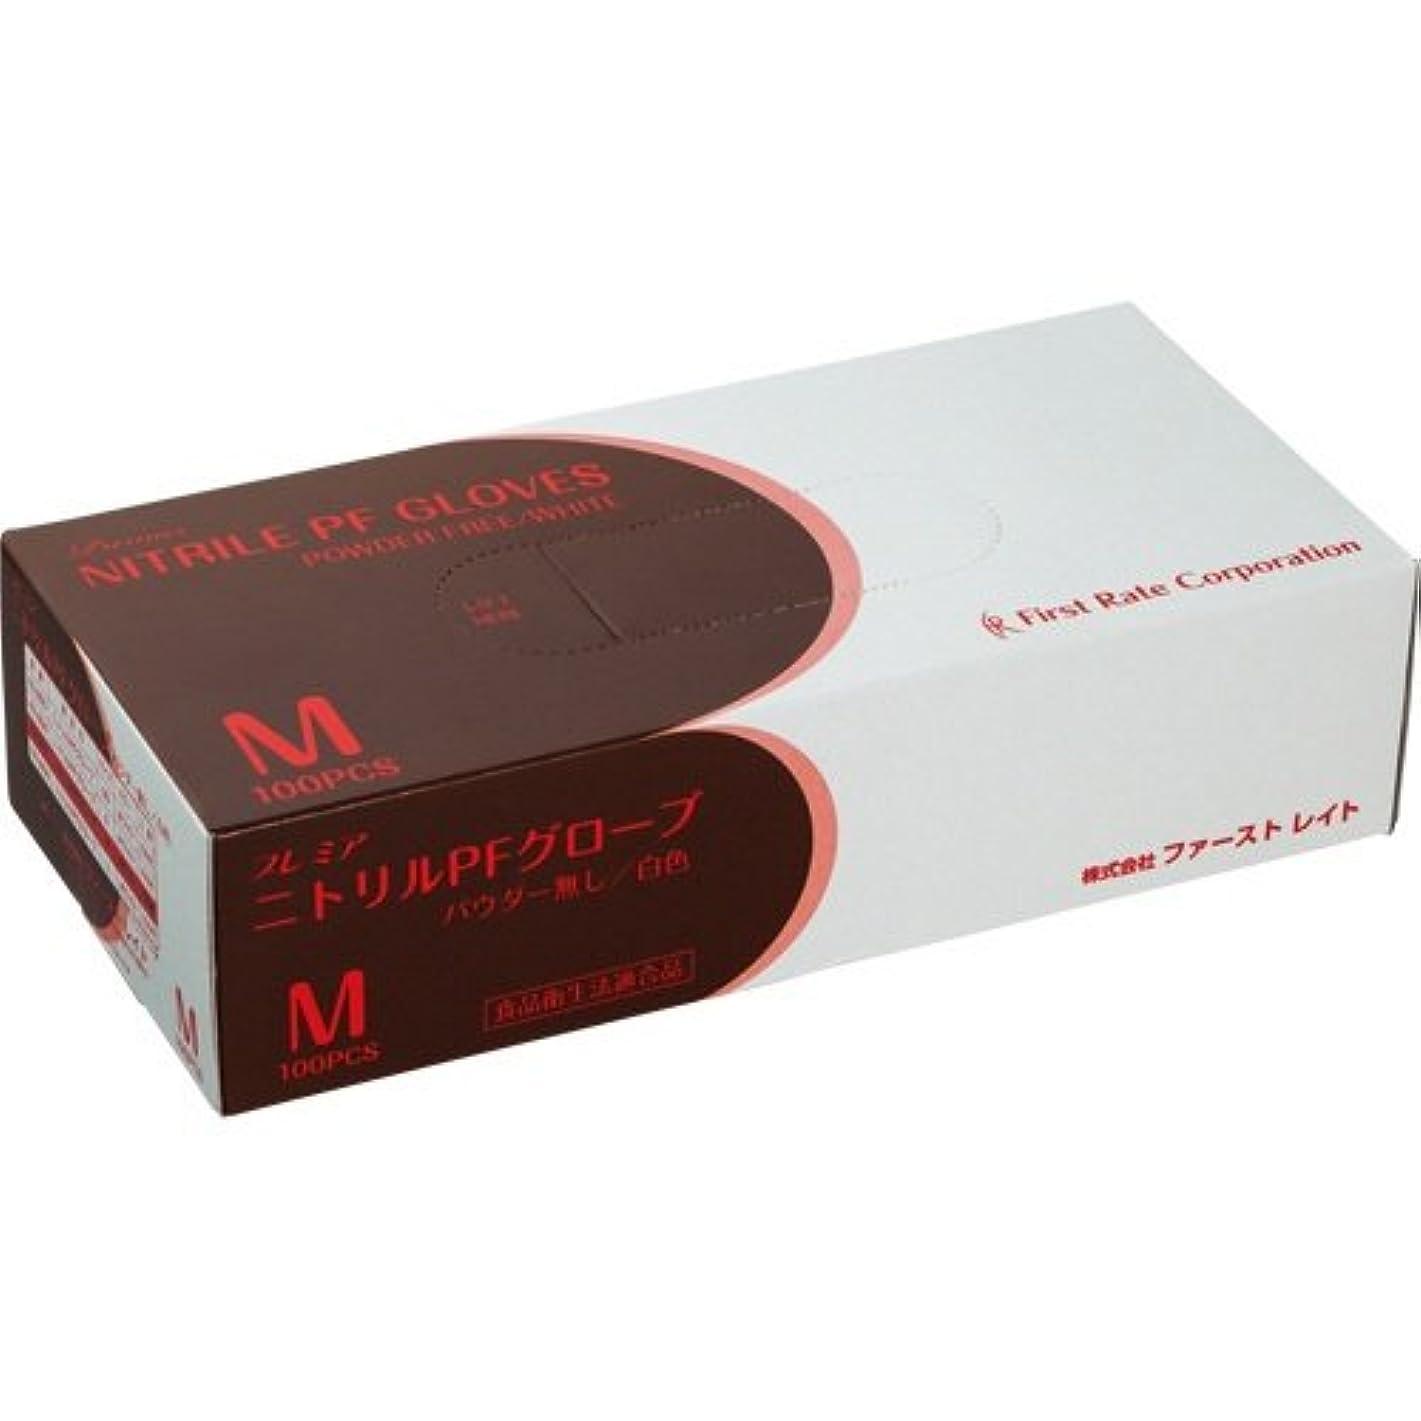 アラビア語手荷物意義ファーストレイト プレミアニトリルPFグローブ パウダーフリー ホワイト M FR-857 1セット(1000枚:100枚×10箱)